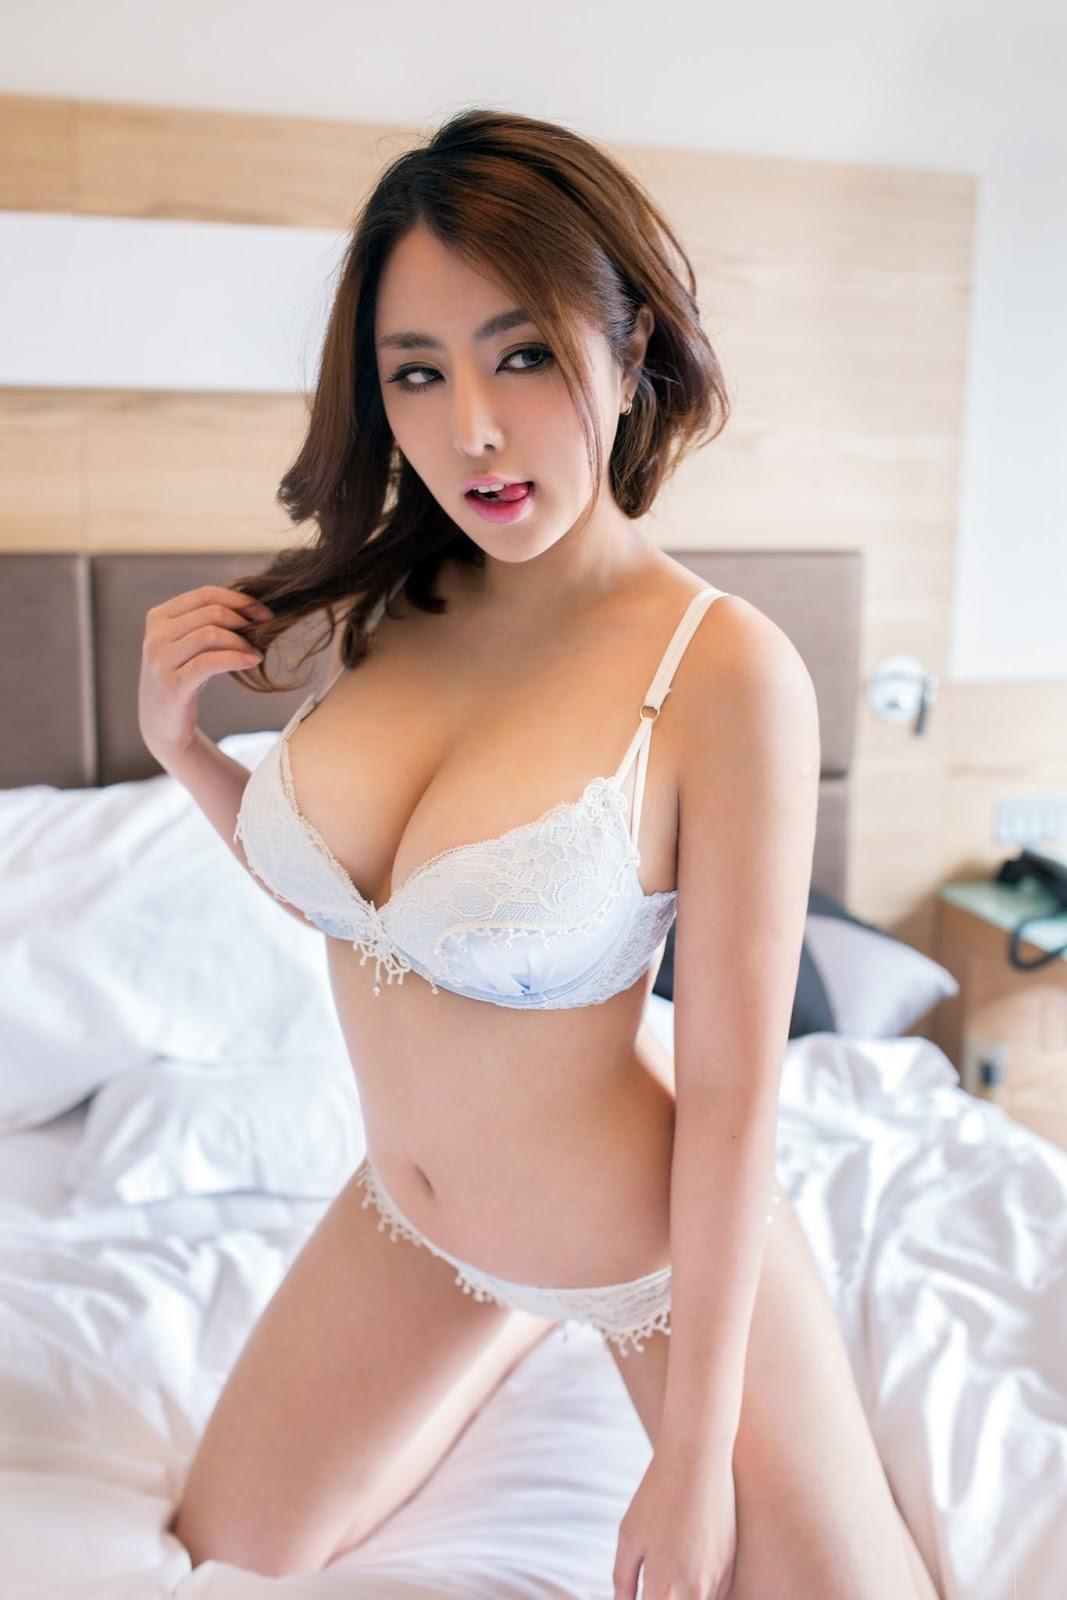 TuiGirl 26 - Sexy Model TUIGIRL NO.17 Nude